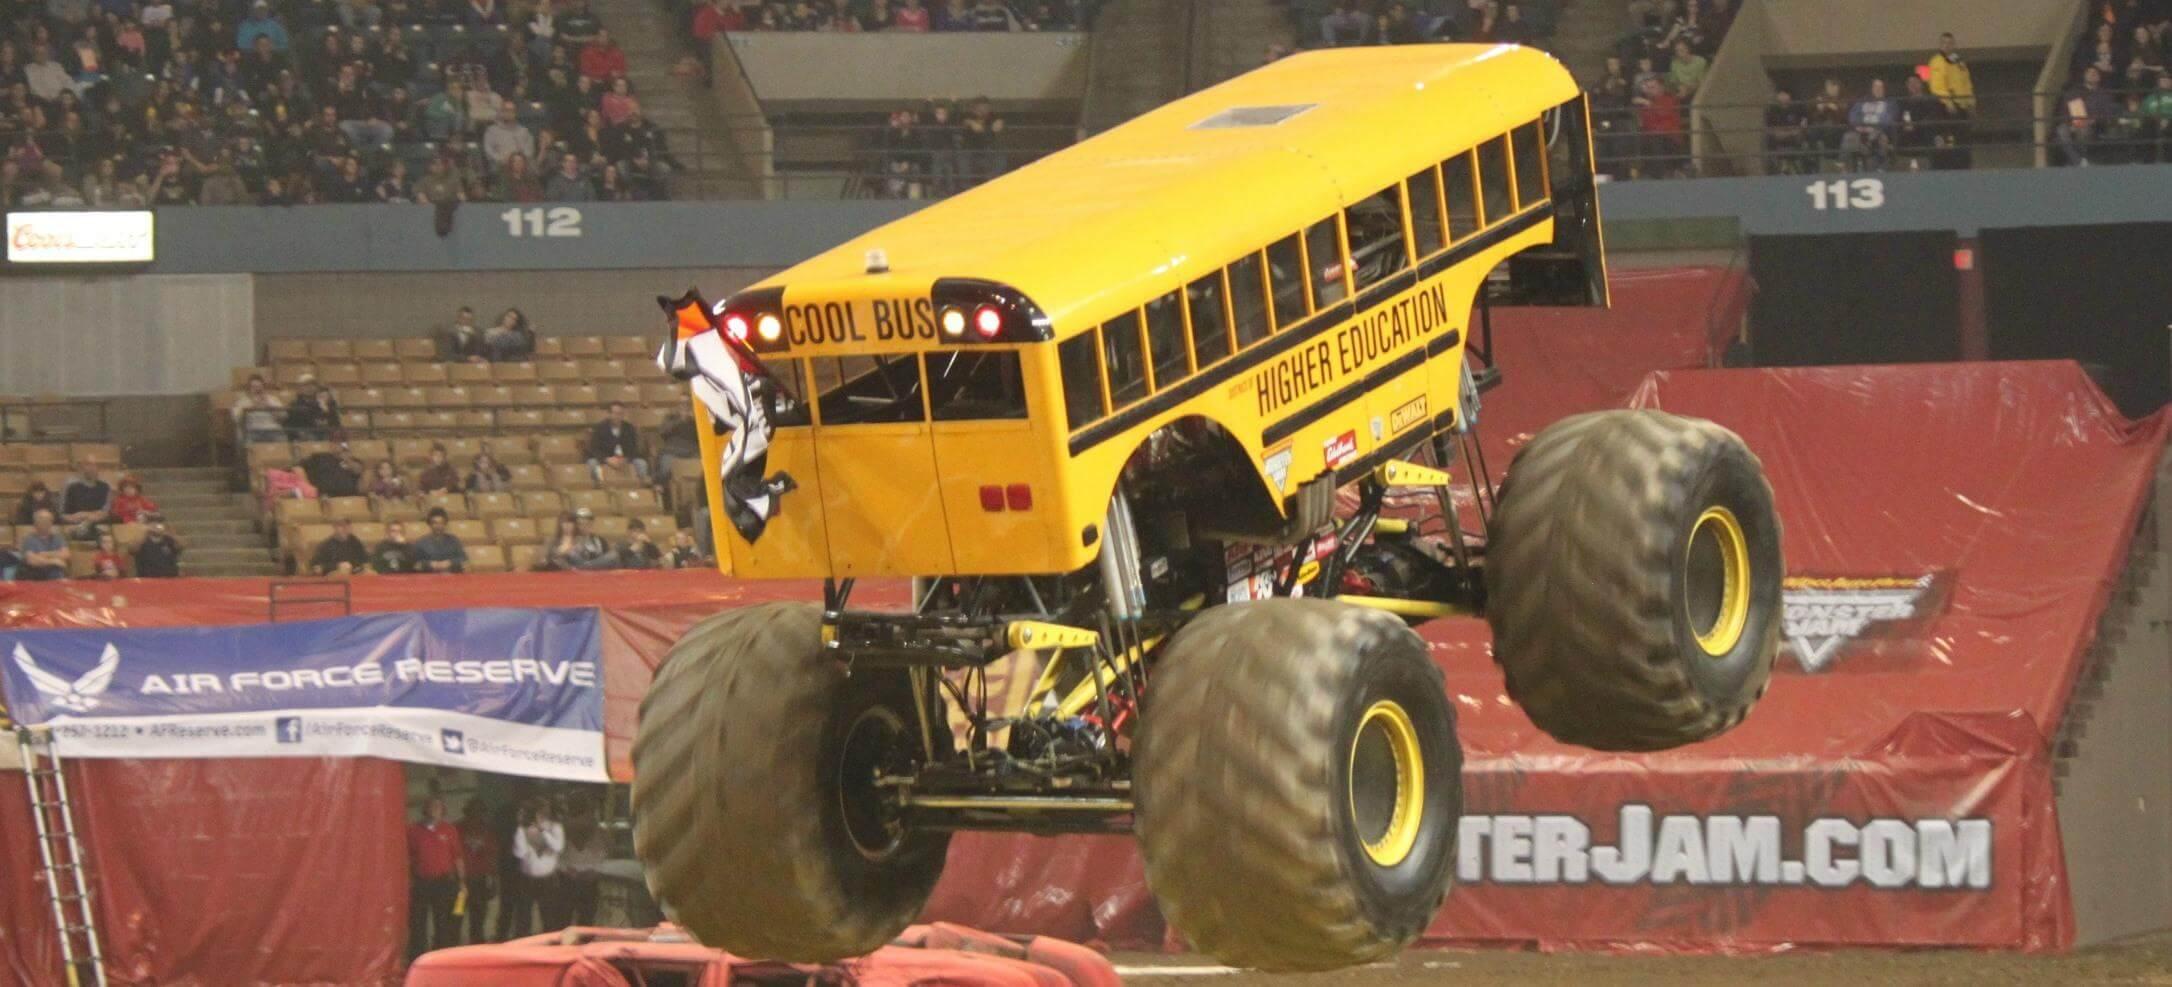 Cool-Bus-Monster-Jam